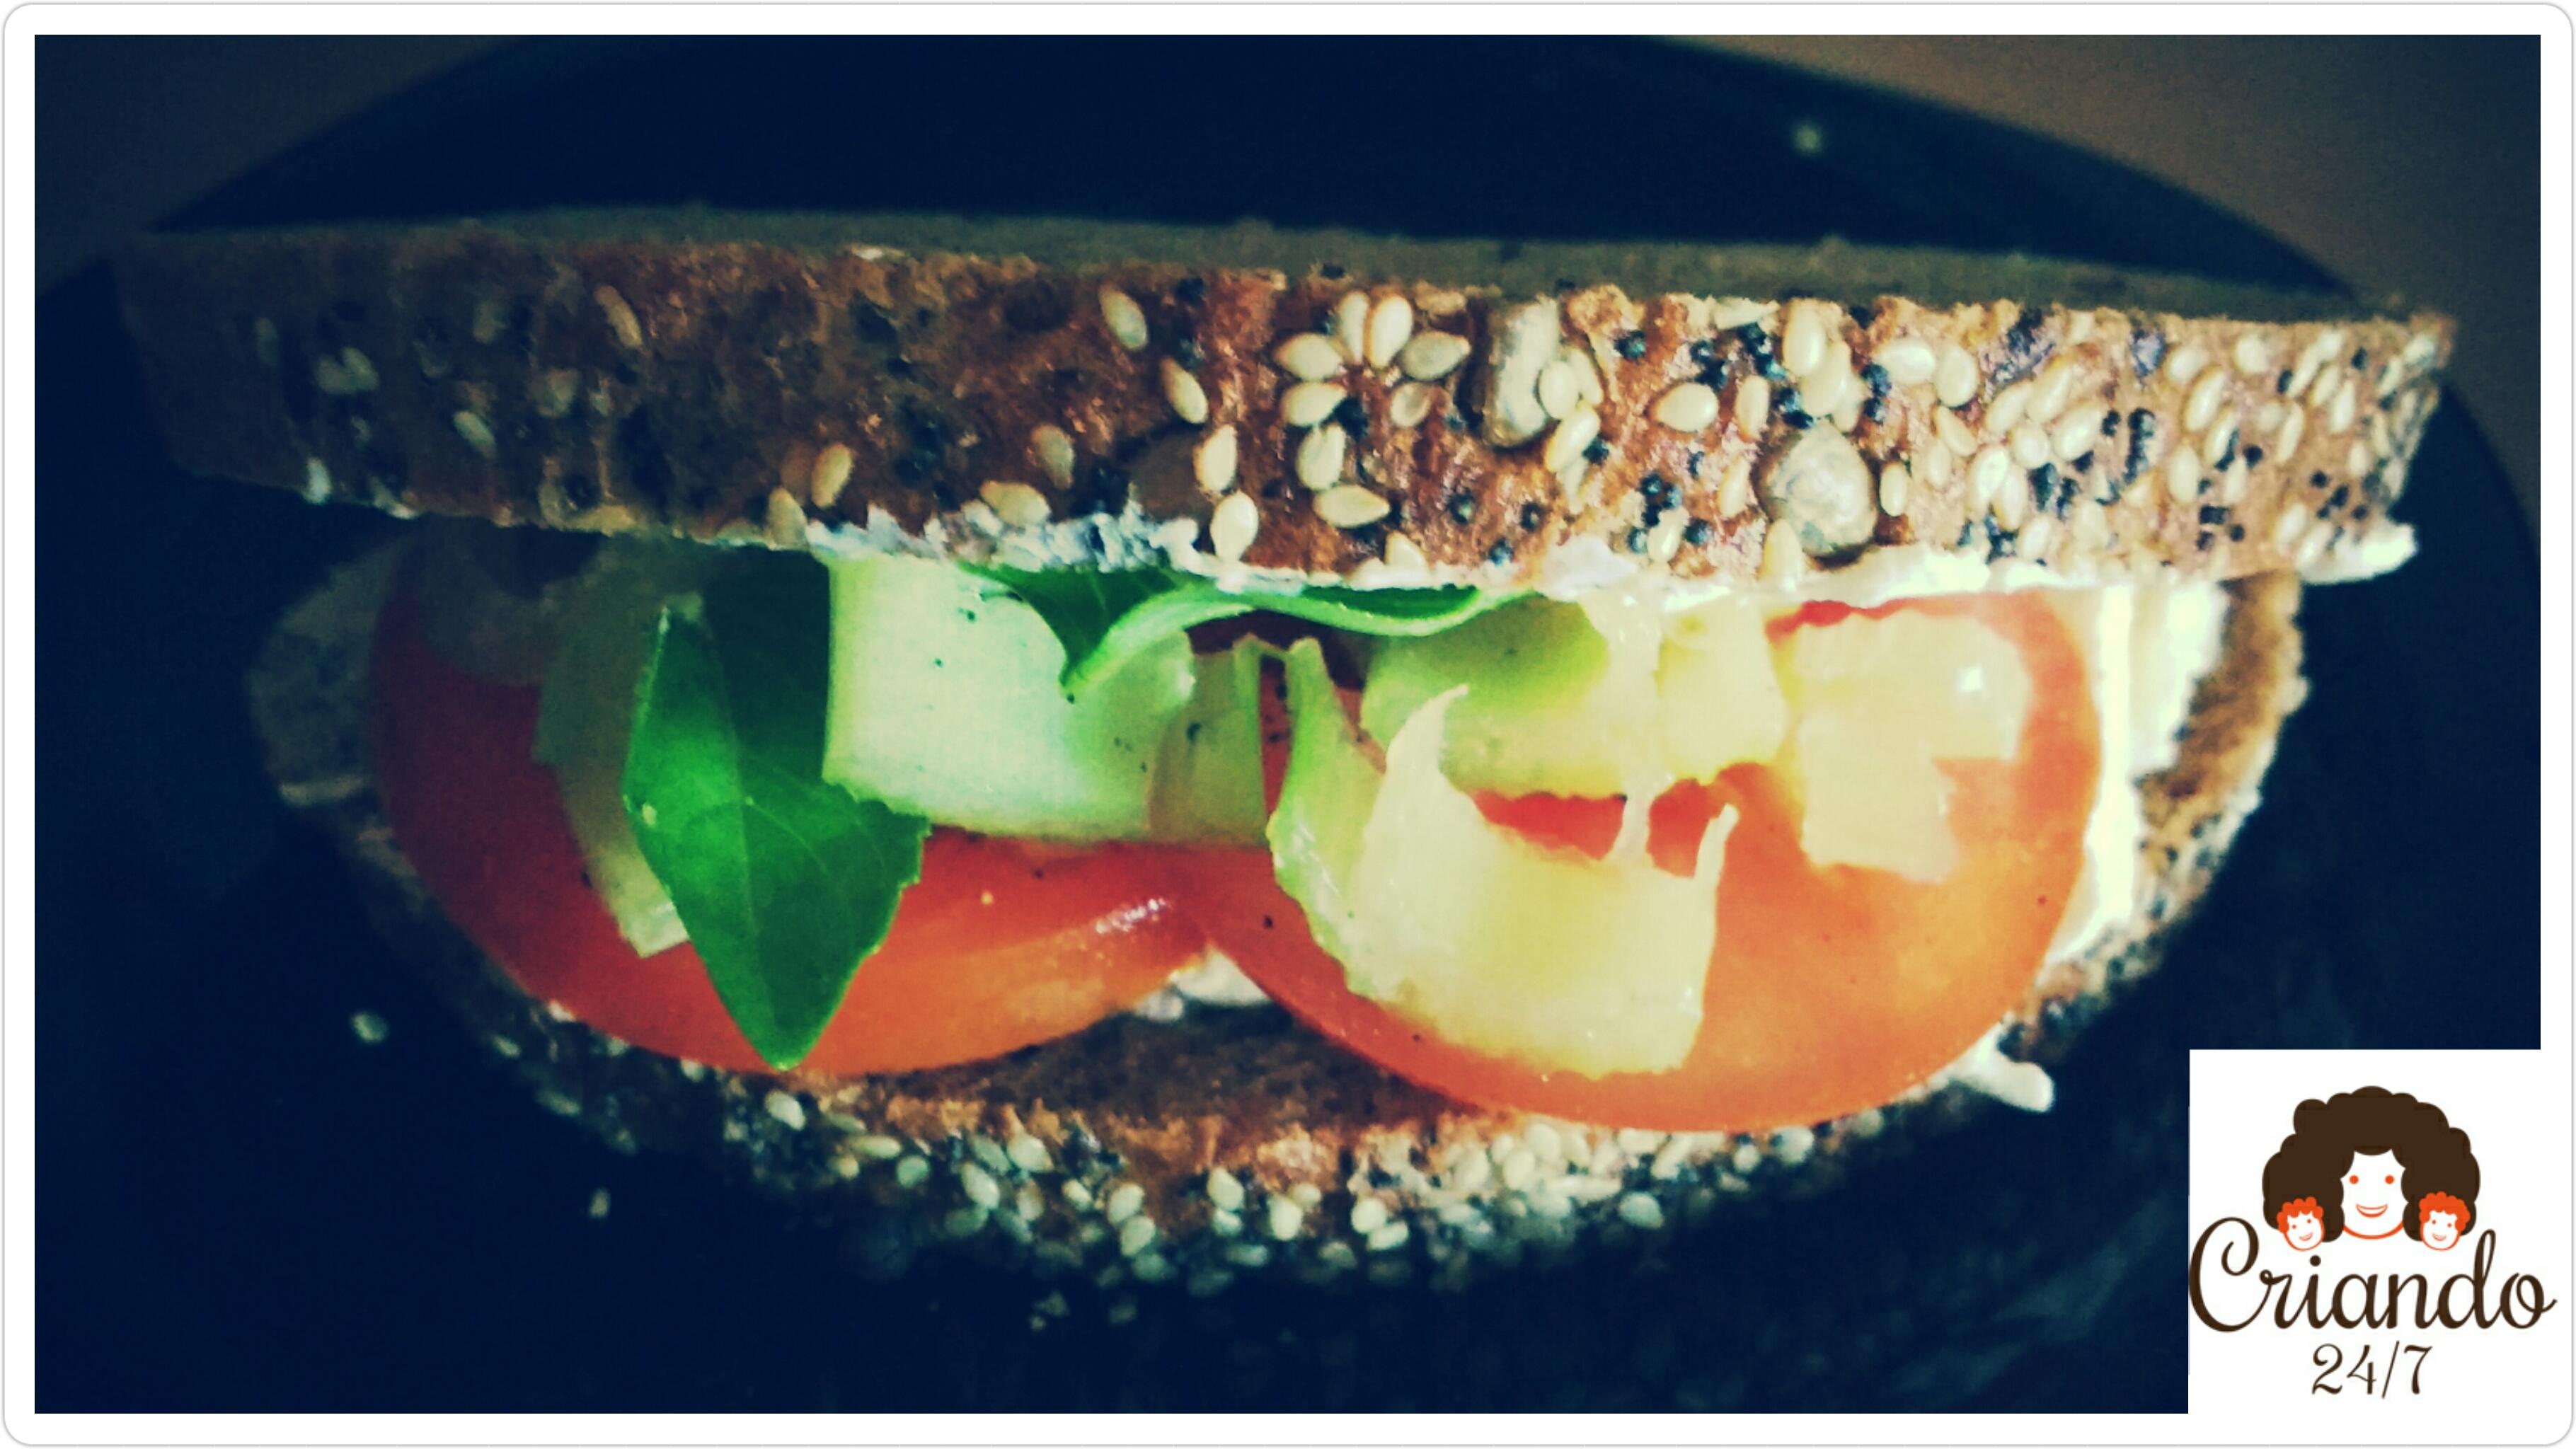 criando247 #HoyComemos SandwichQuesoTomateApioAlbahaca3